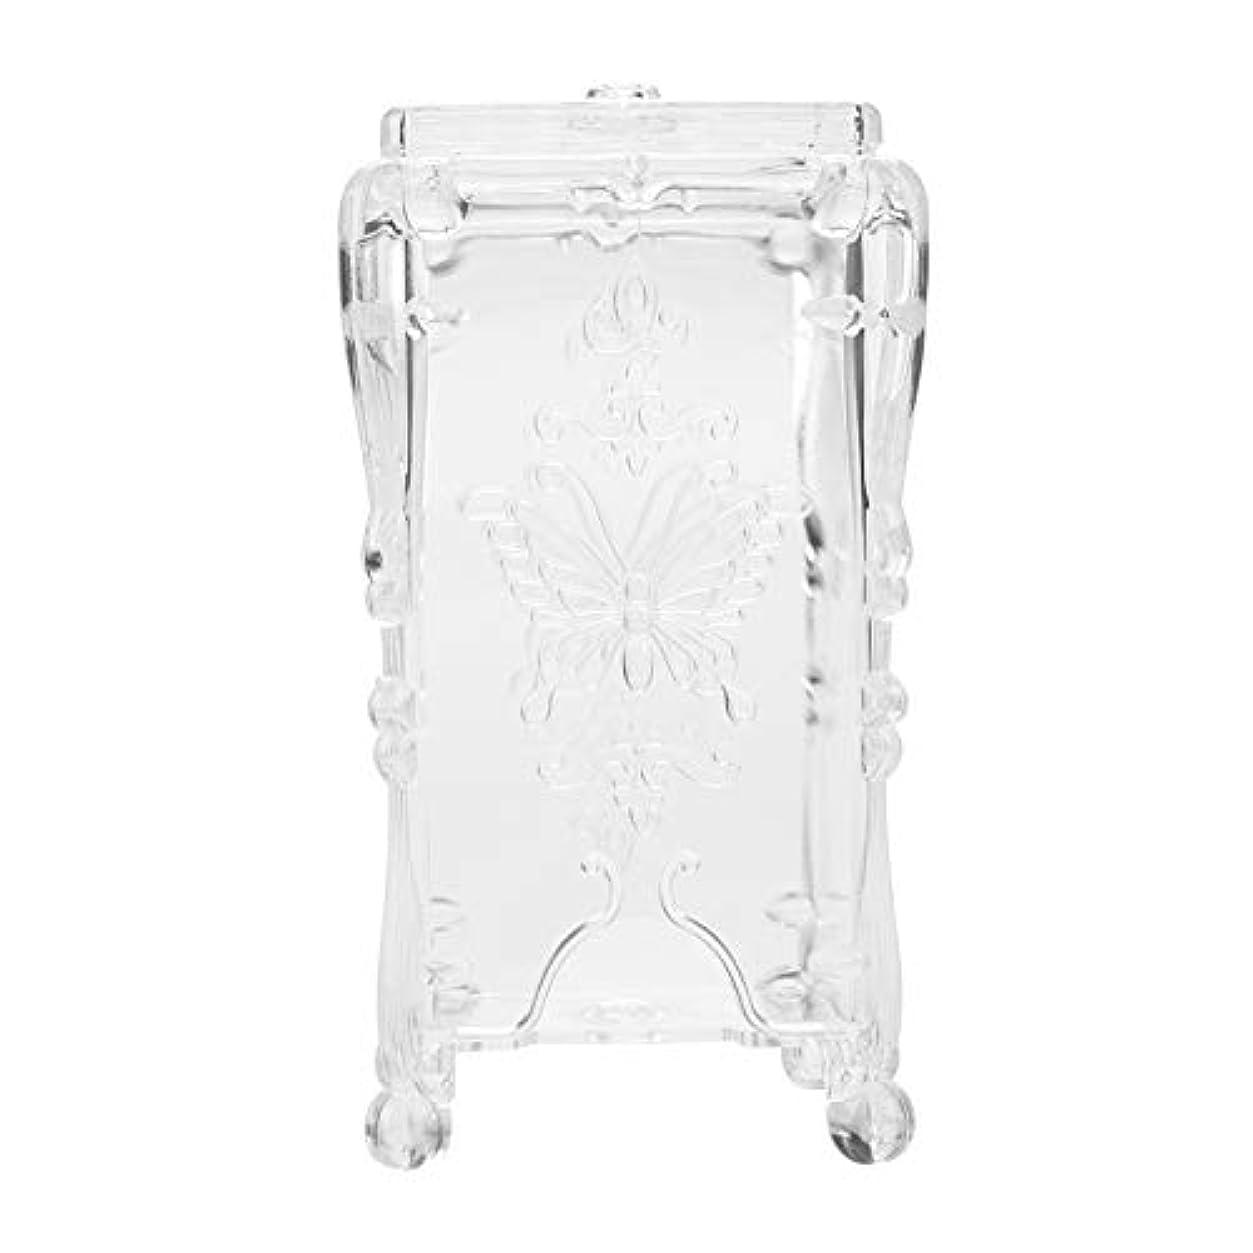 巨大なオーバーフロー勃起ネイルツール 収納ボックス ネイルアートワイプオーガナイザー 化粧コットン(03#)